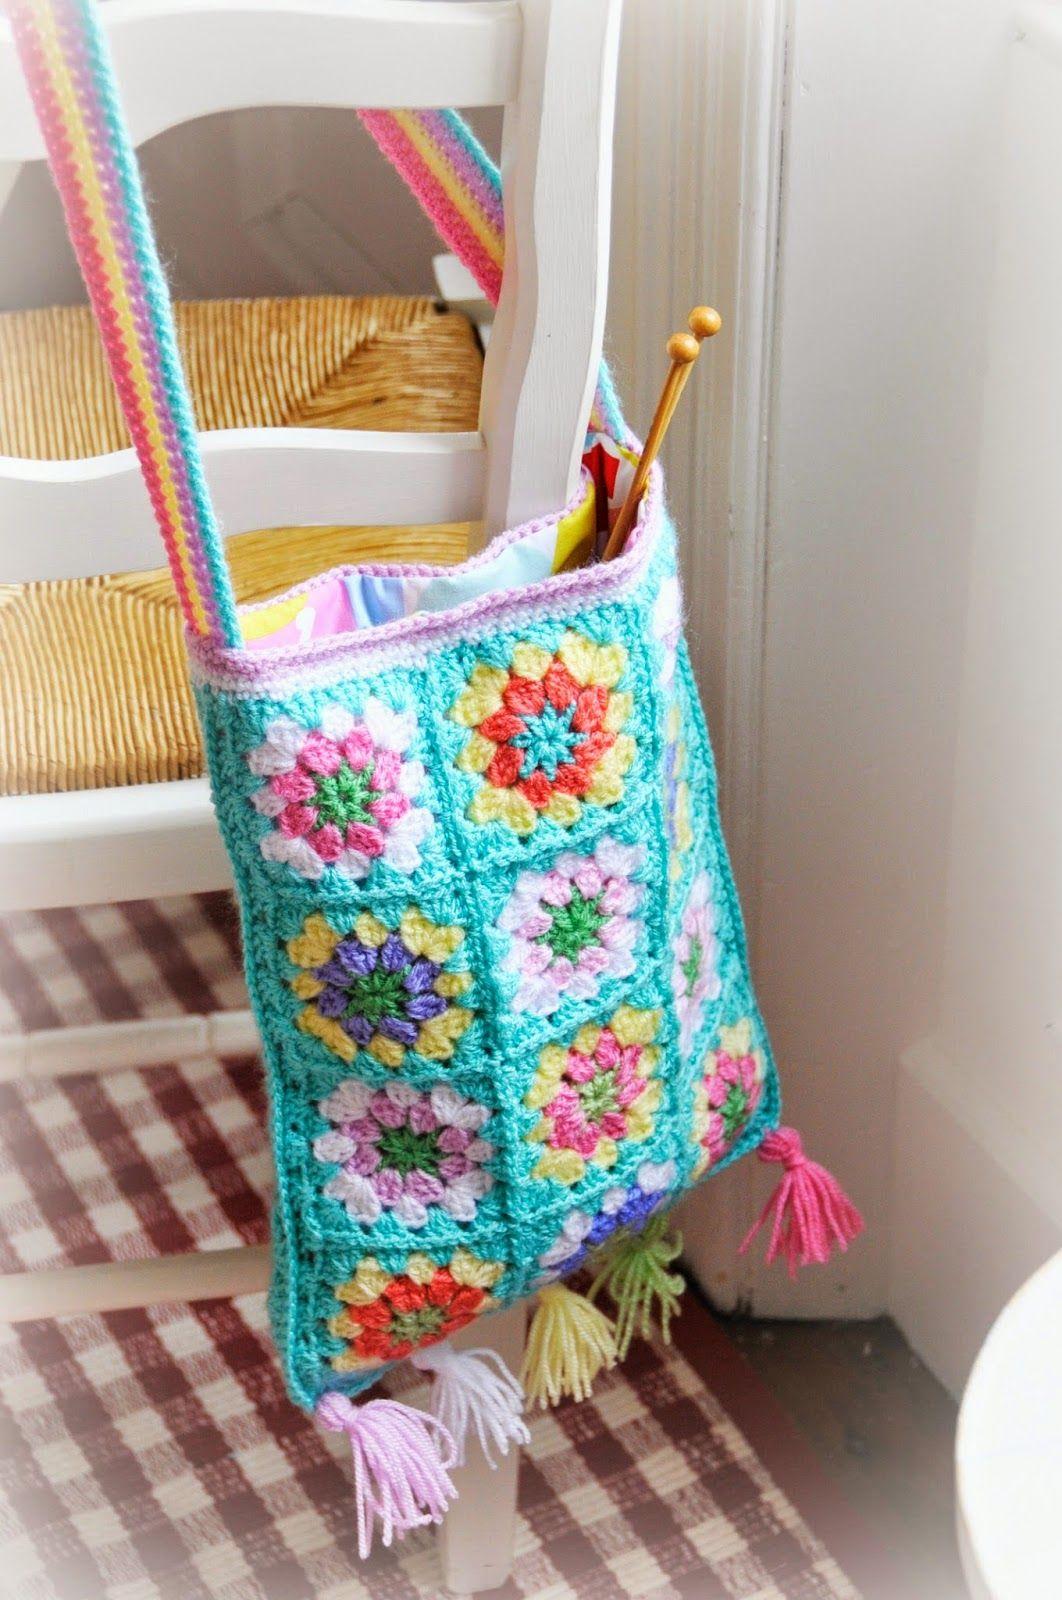 Häkeltasche   Häkeln - Taschen, Körbe, Hüllen   Pinterest   Häkeltasche